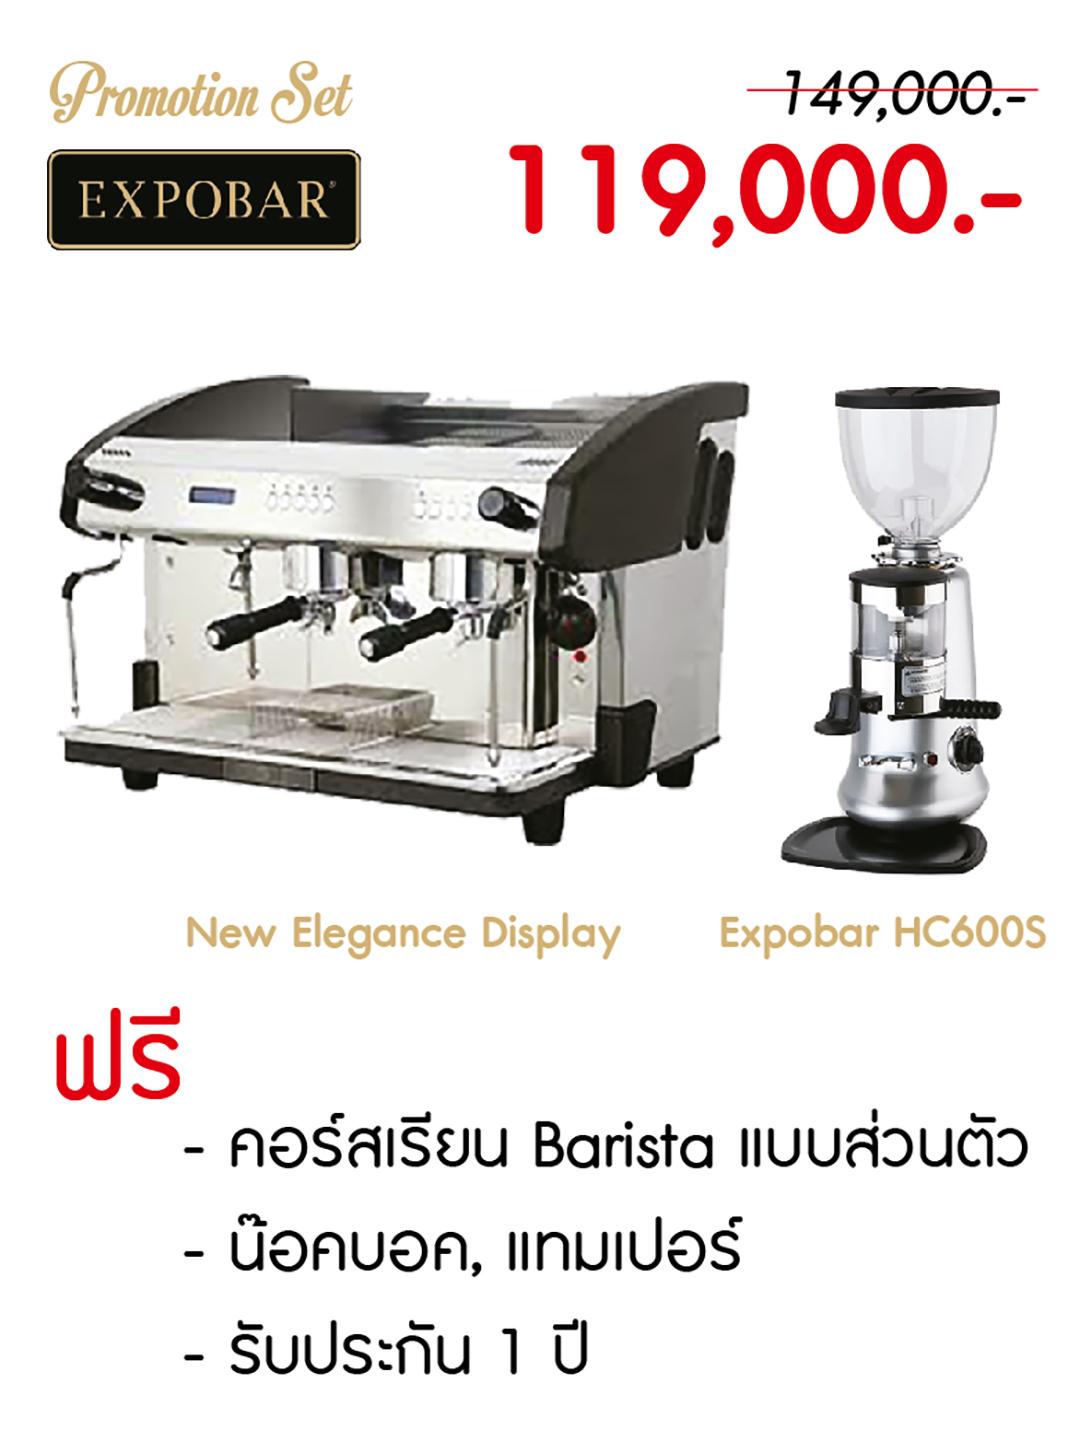 salotto_produc,เครื่องชงกาแฟ, เรียนชงกาแฟ, สอนชงกาแฟ, อุปกรณ์ร้านกาแฟ, กาแฟคั่ว, ซ่อมเครื่องชงกาแฟ, ขายเครื่องชงกาแฟ, จำหน่ายเมล็ดกาแฟคั่ว, ขายเมล็ดกาแฟคั่ว, จำหน่ายเมล็ดกาแฟสาร, ขายเมล็ดกาแฟสาร, เมล็ดกาแฟคั่ว, เมล็ดกาแฟสาร, อุปกรณ์สำหรับเปิดร้านกาแฟ , เปิดสอนฝึกอบรมการชงกาแฟที่ถูกต้อง , รับจ้างโปรเซสกาแฟ, คั่วกาแฟด้วยเครื่องจักรอันทันสมัย